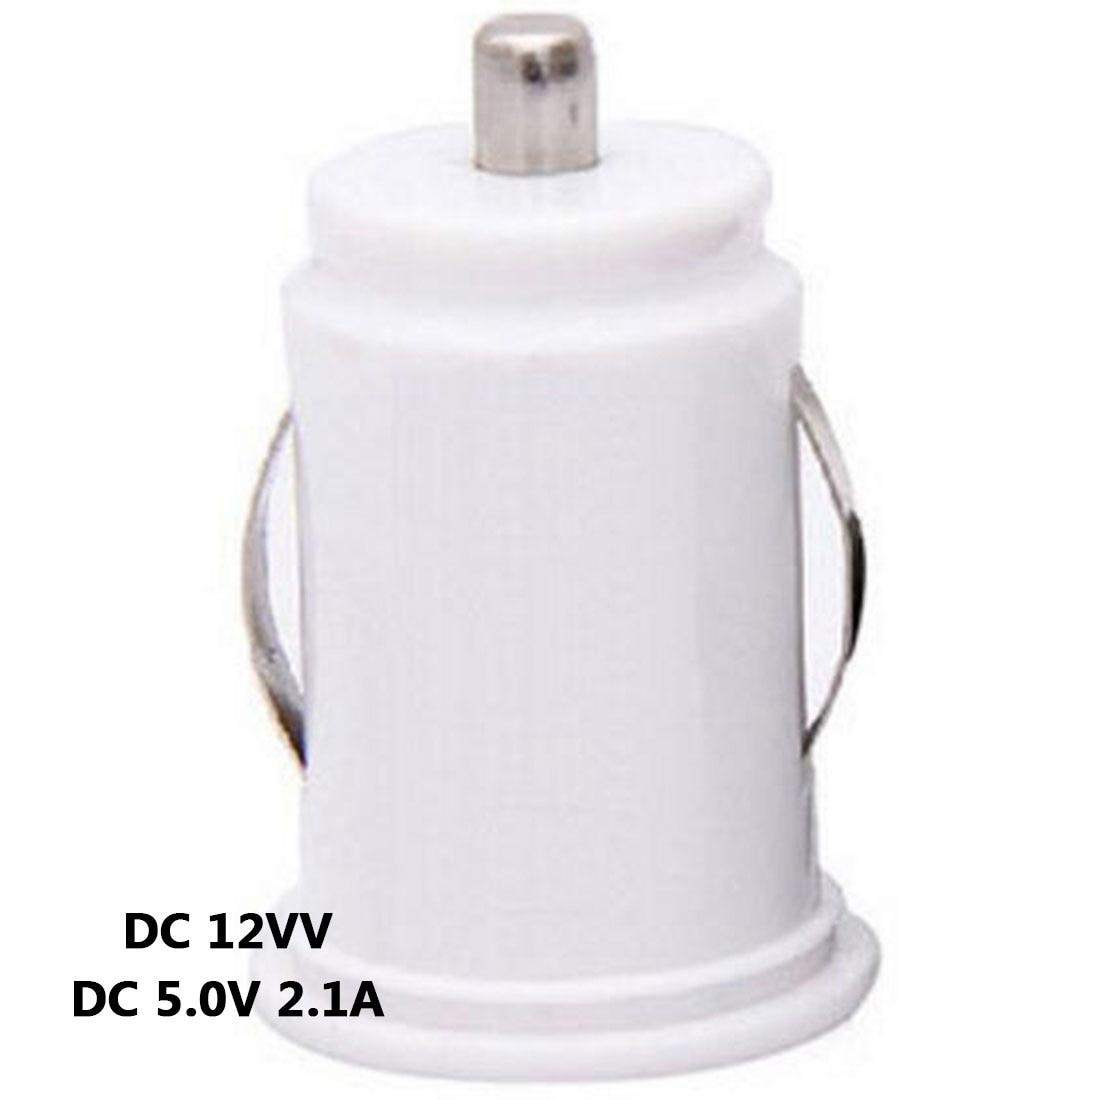 5В 2.1 а двойной USB автомобильное зарядное устройство 2 порта адаптер прикуривателя зарядное устройство USB адаптер питания для всех смартфонов